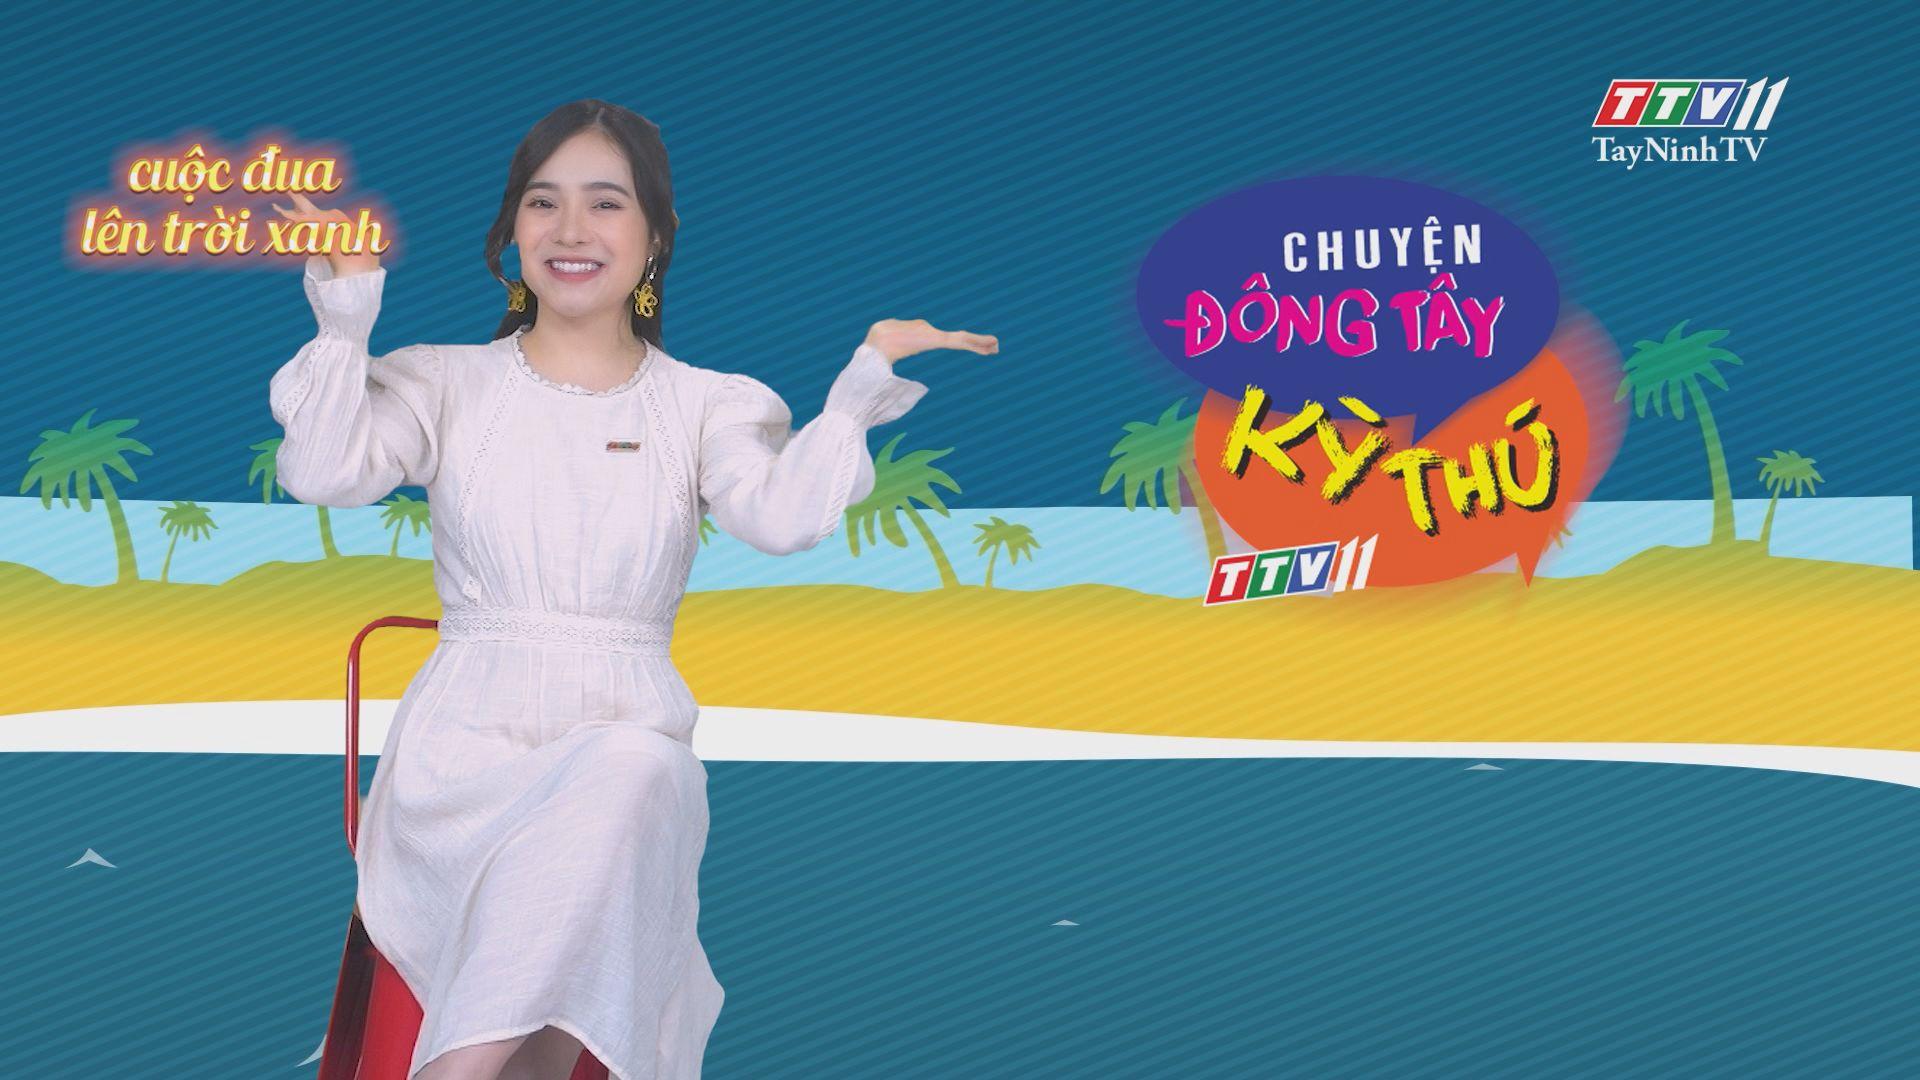 Chuyện Đông Tây Kỳ Thú 20-5-2020 | TayNinhTV